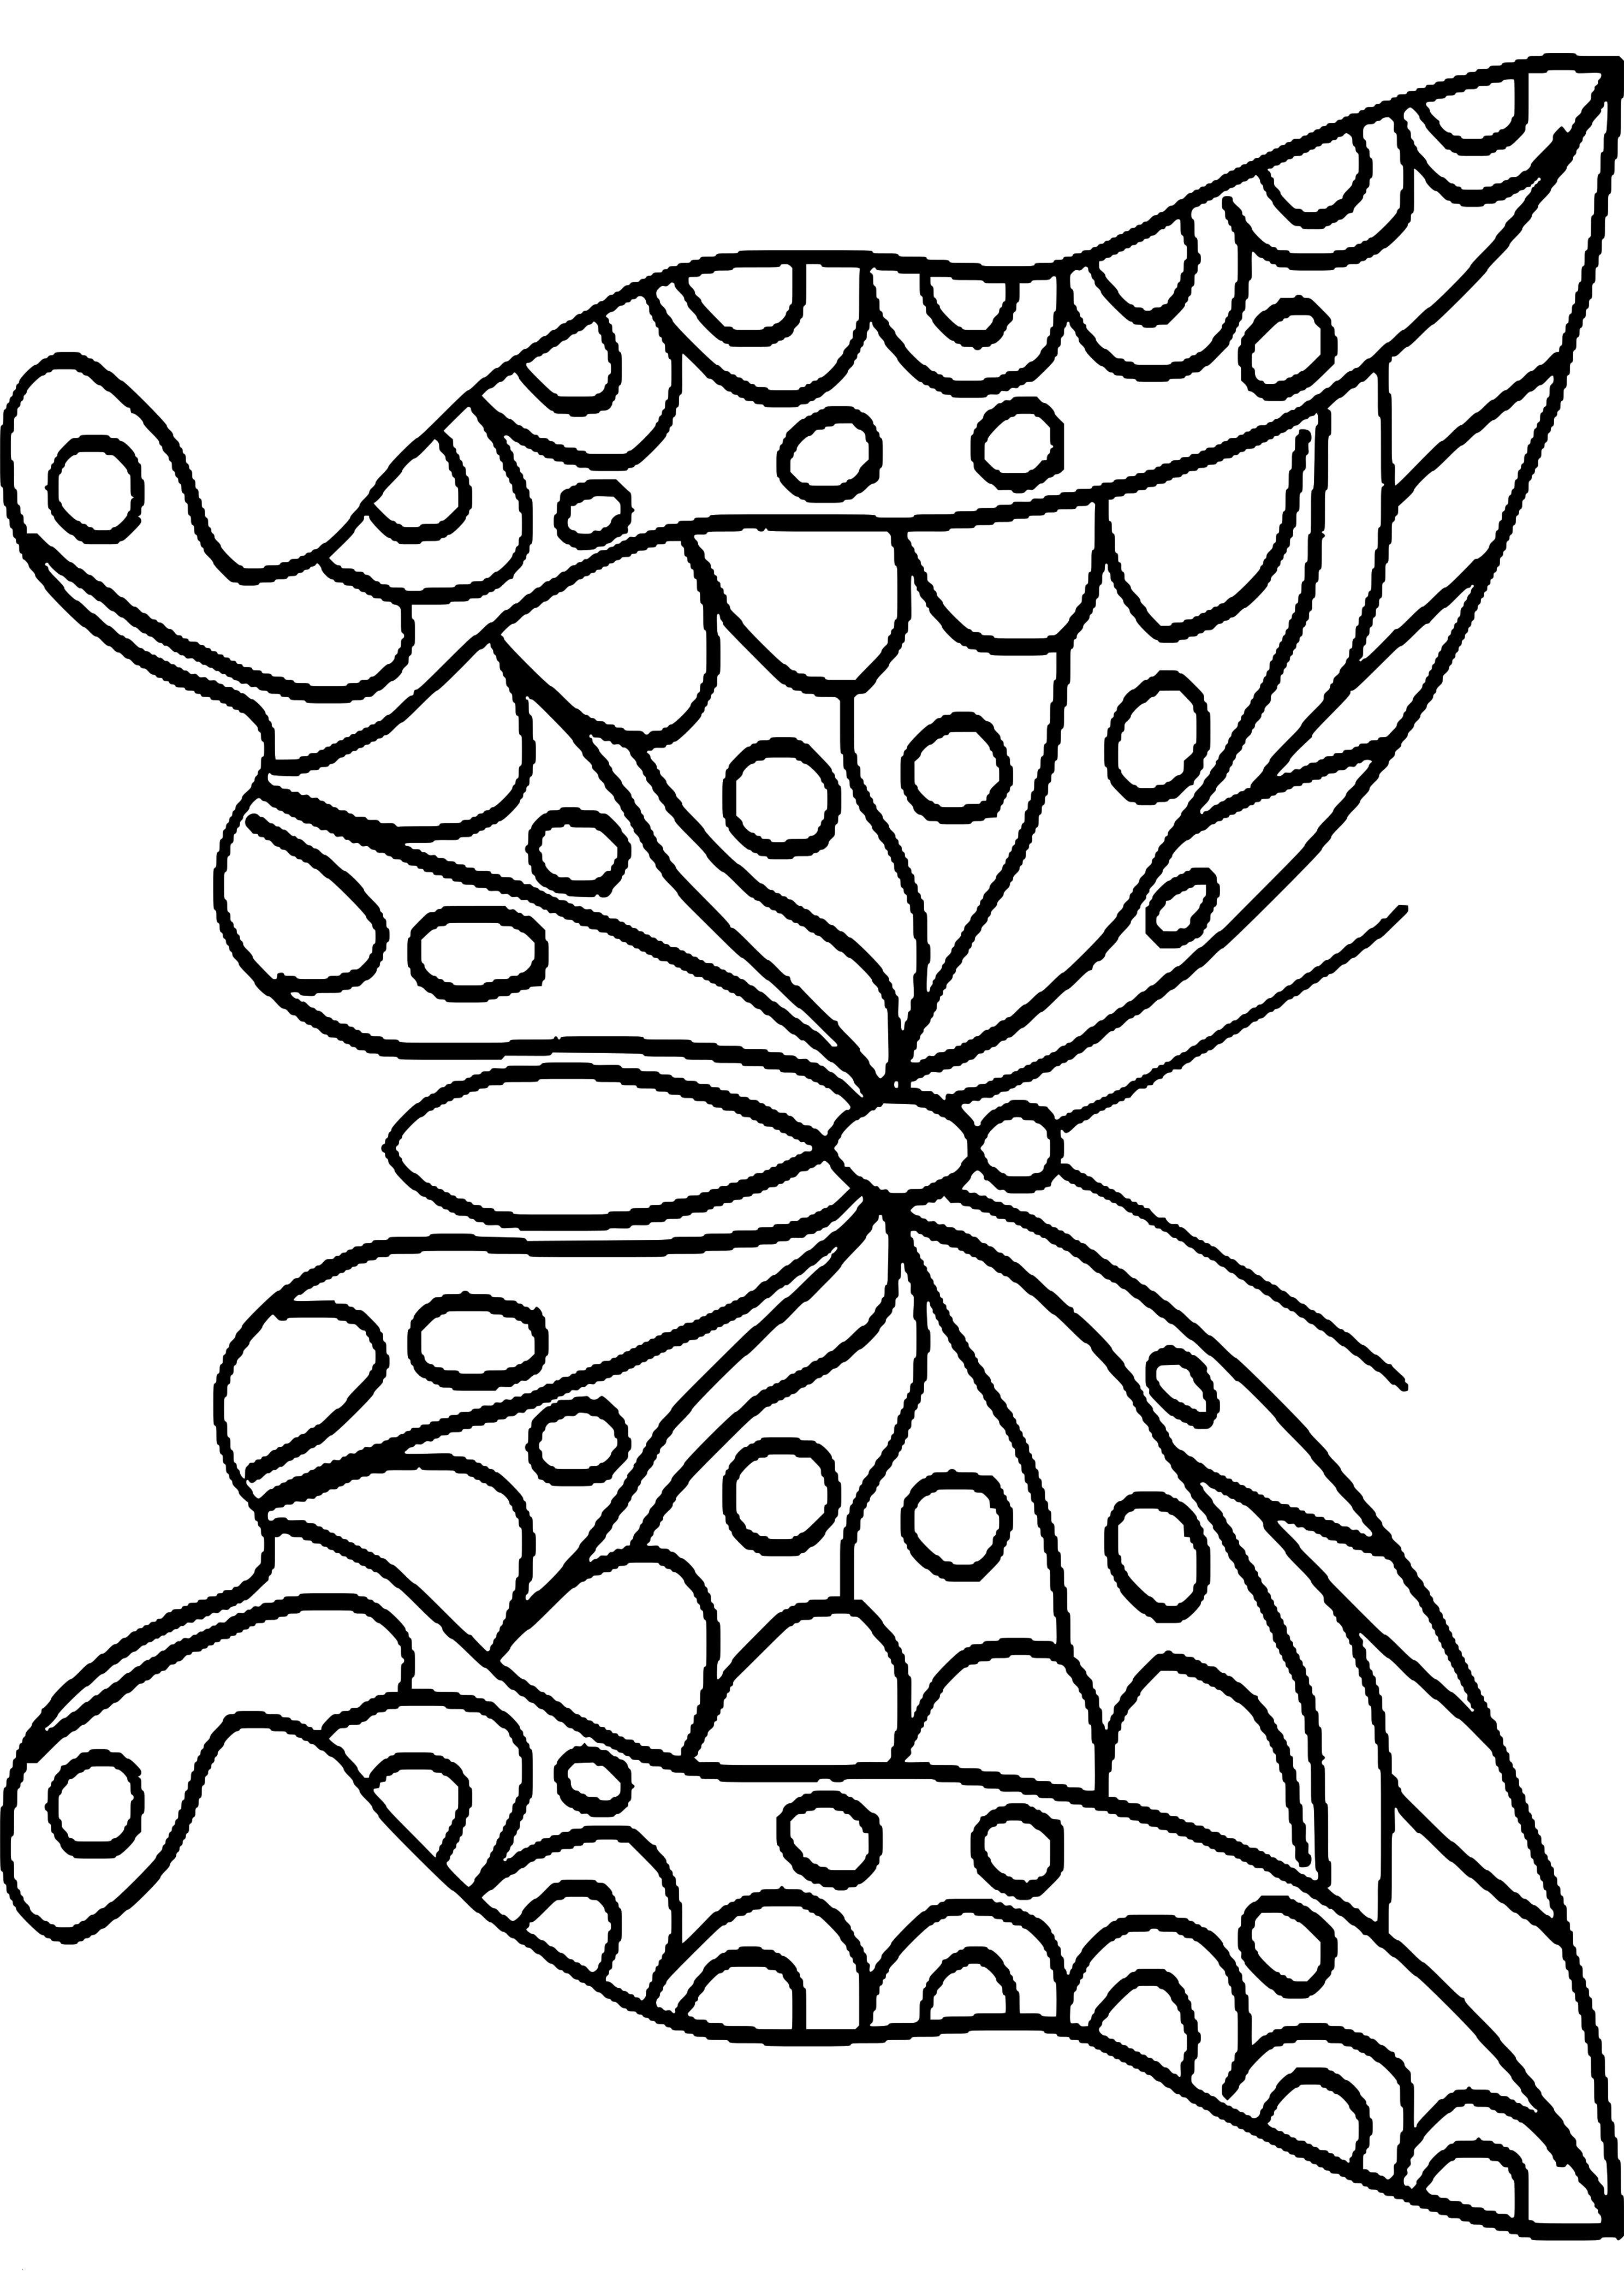 Schmetterlinge Bilder Zum Ausmalen Neu Malvorlagen Blumen Und Schmetterlinge Fesselnd 35 Ausmalbilder Bilder